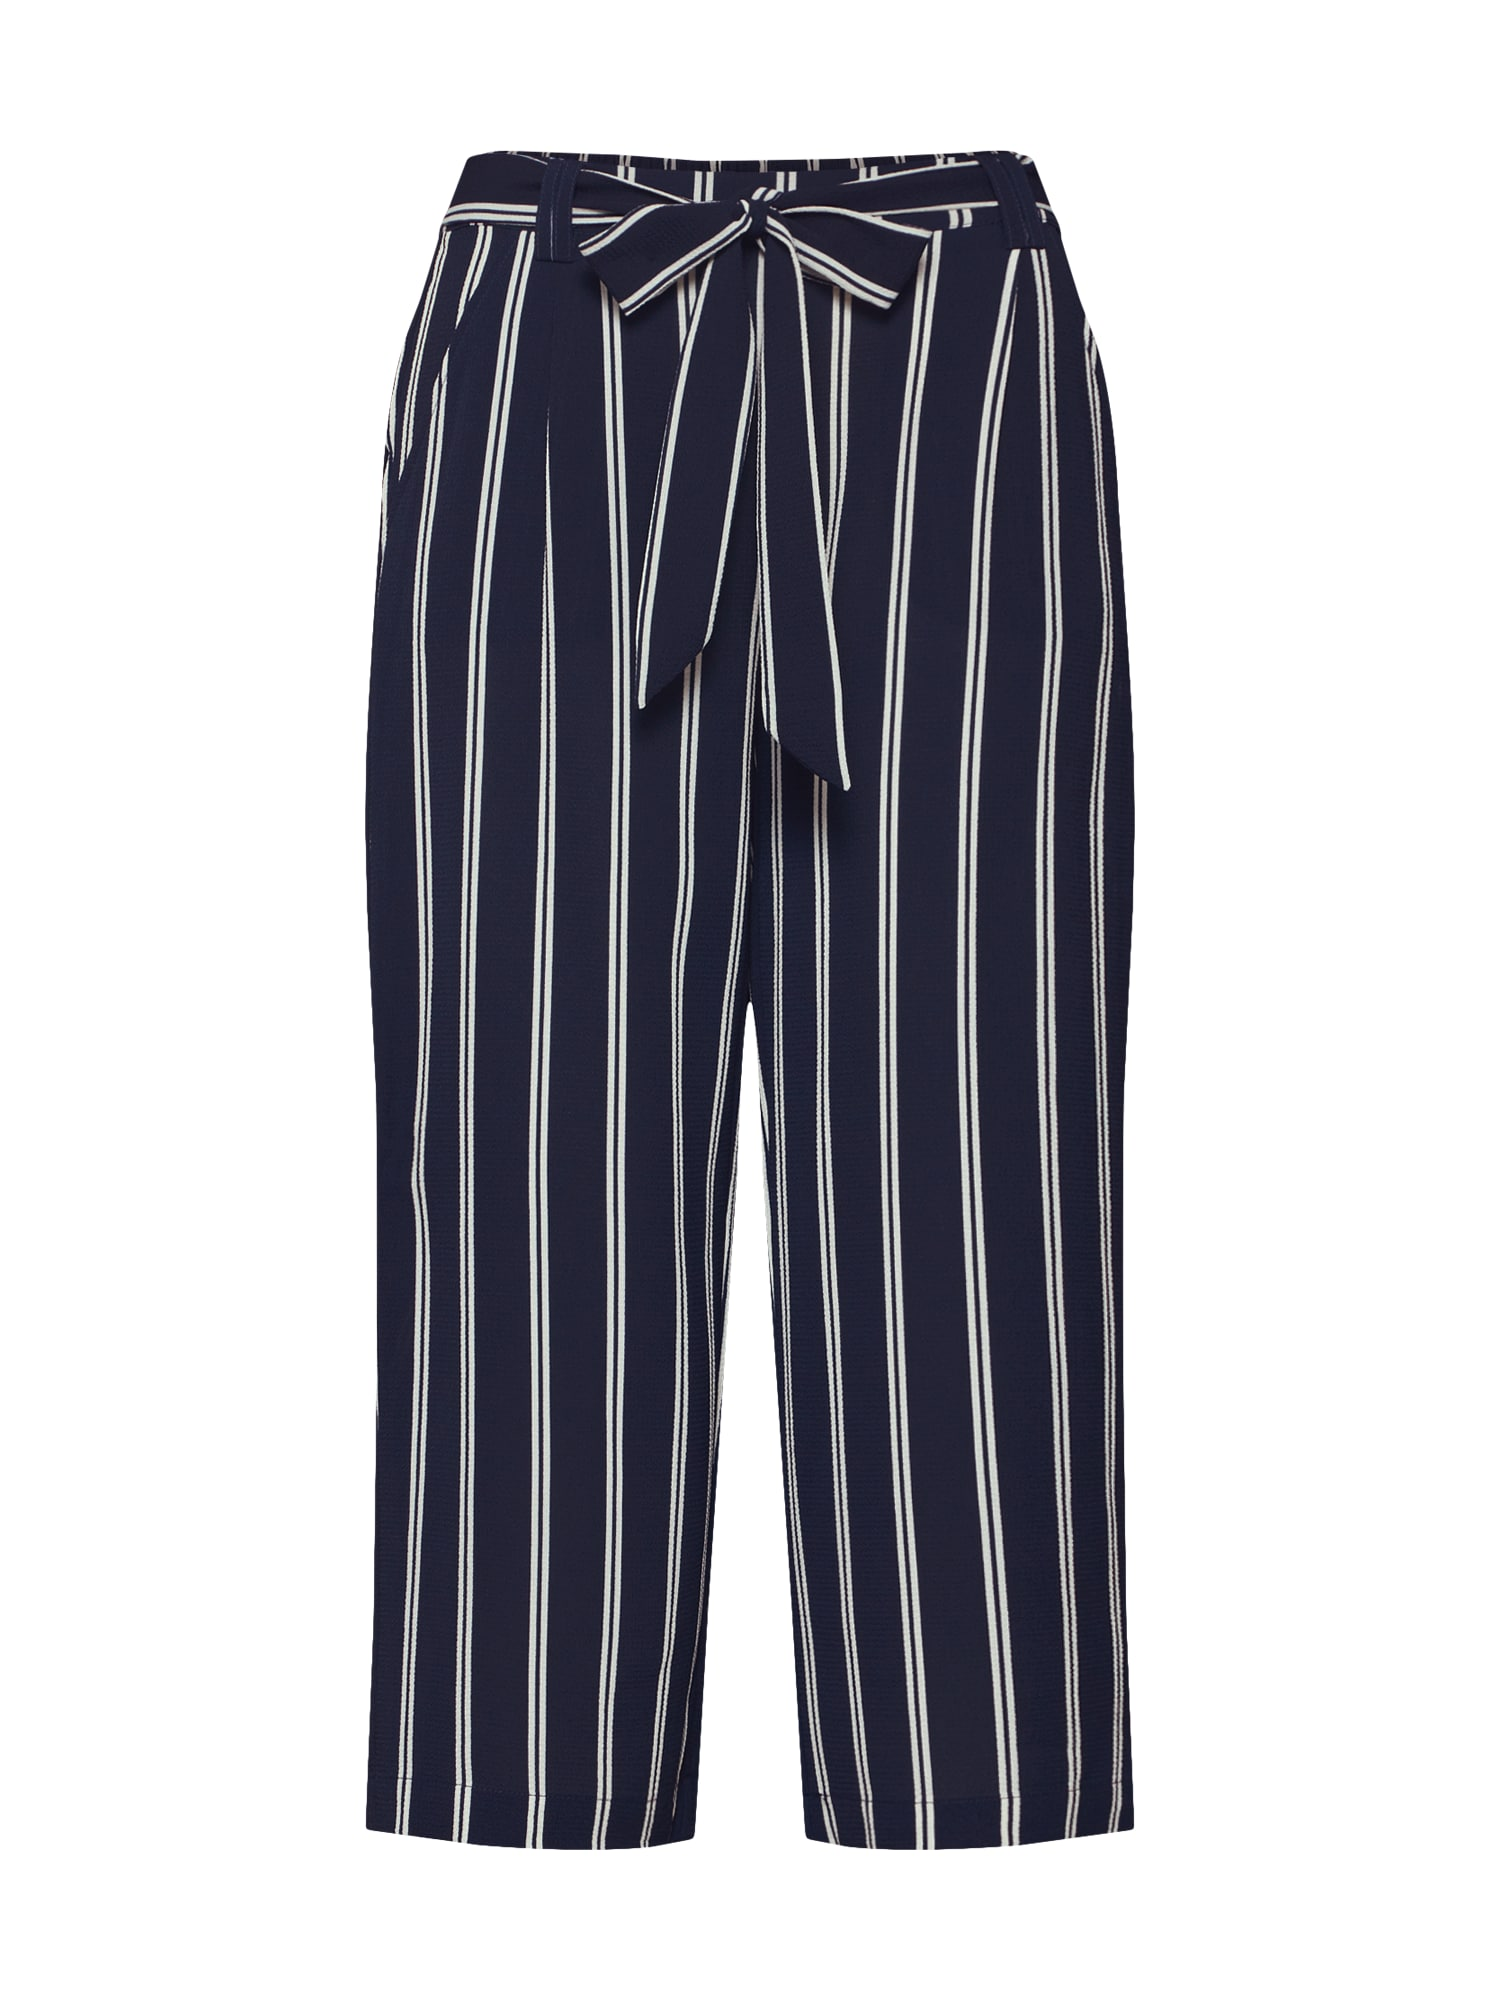 Kalhoty WINNER noční modrá bílá ONLY